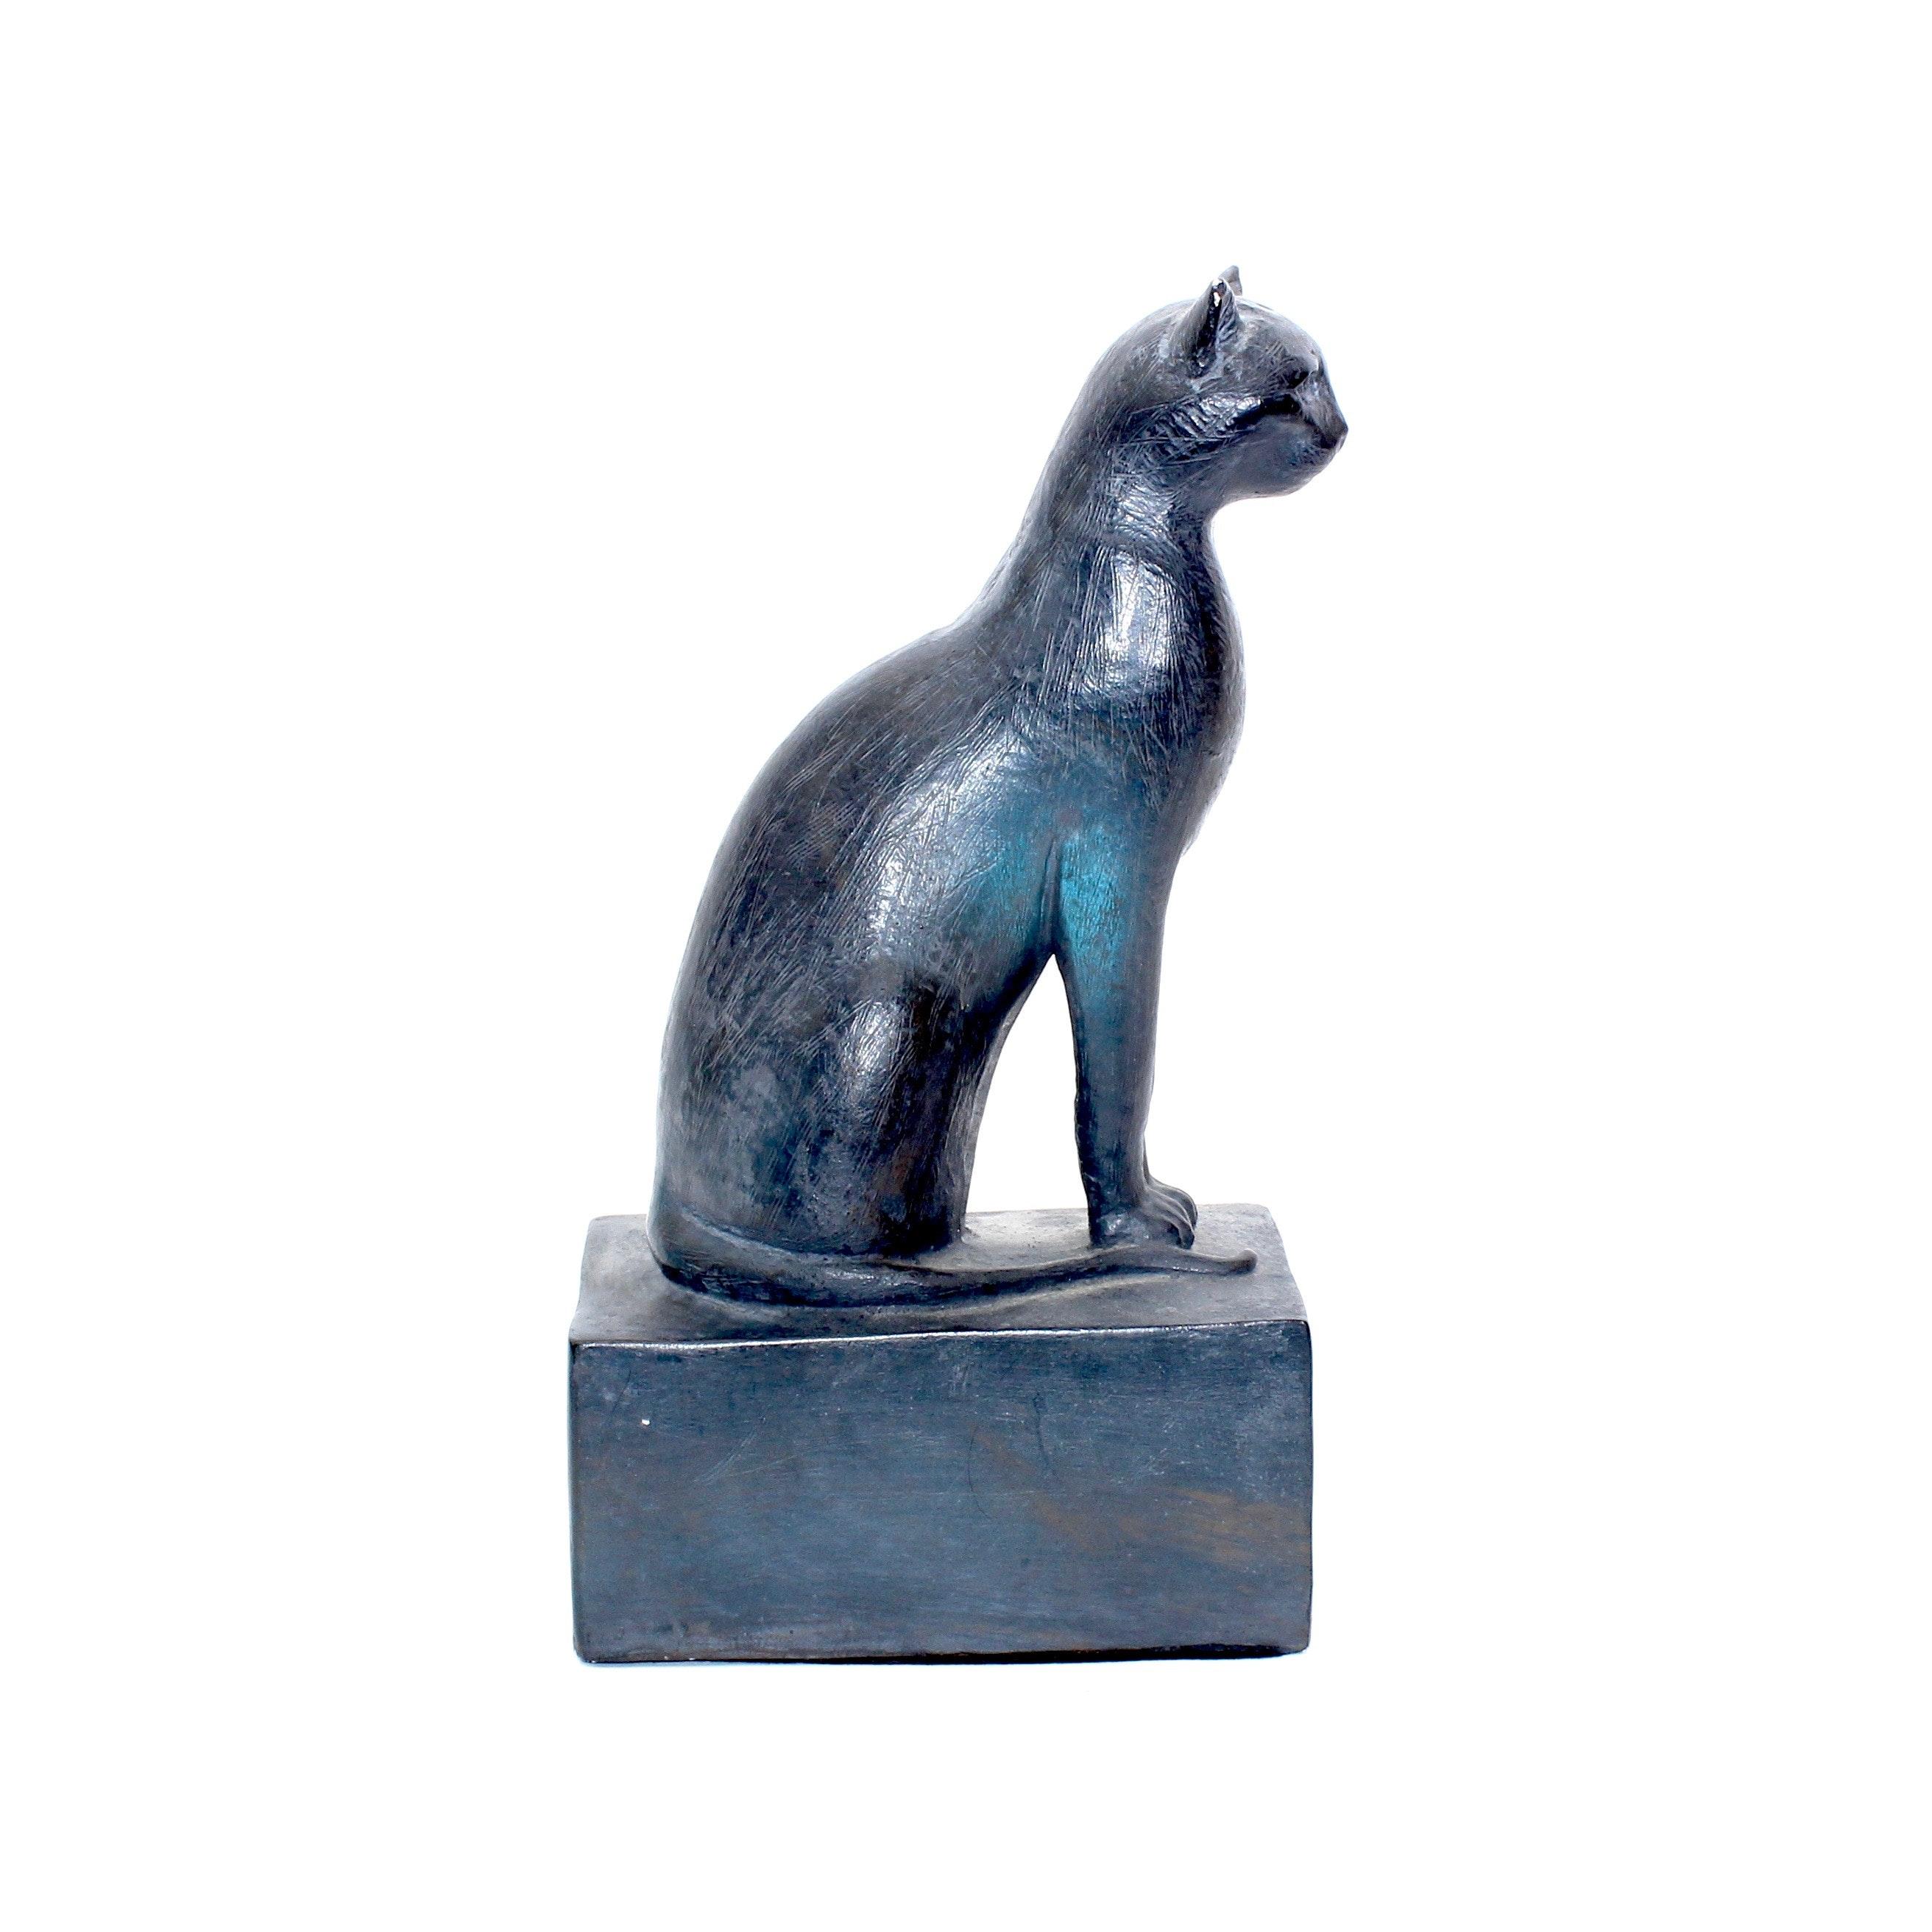 Austin Productions Black Ceramic Cat Sculpture